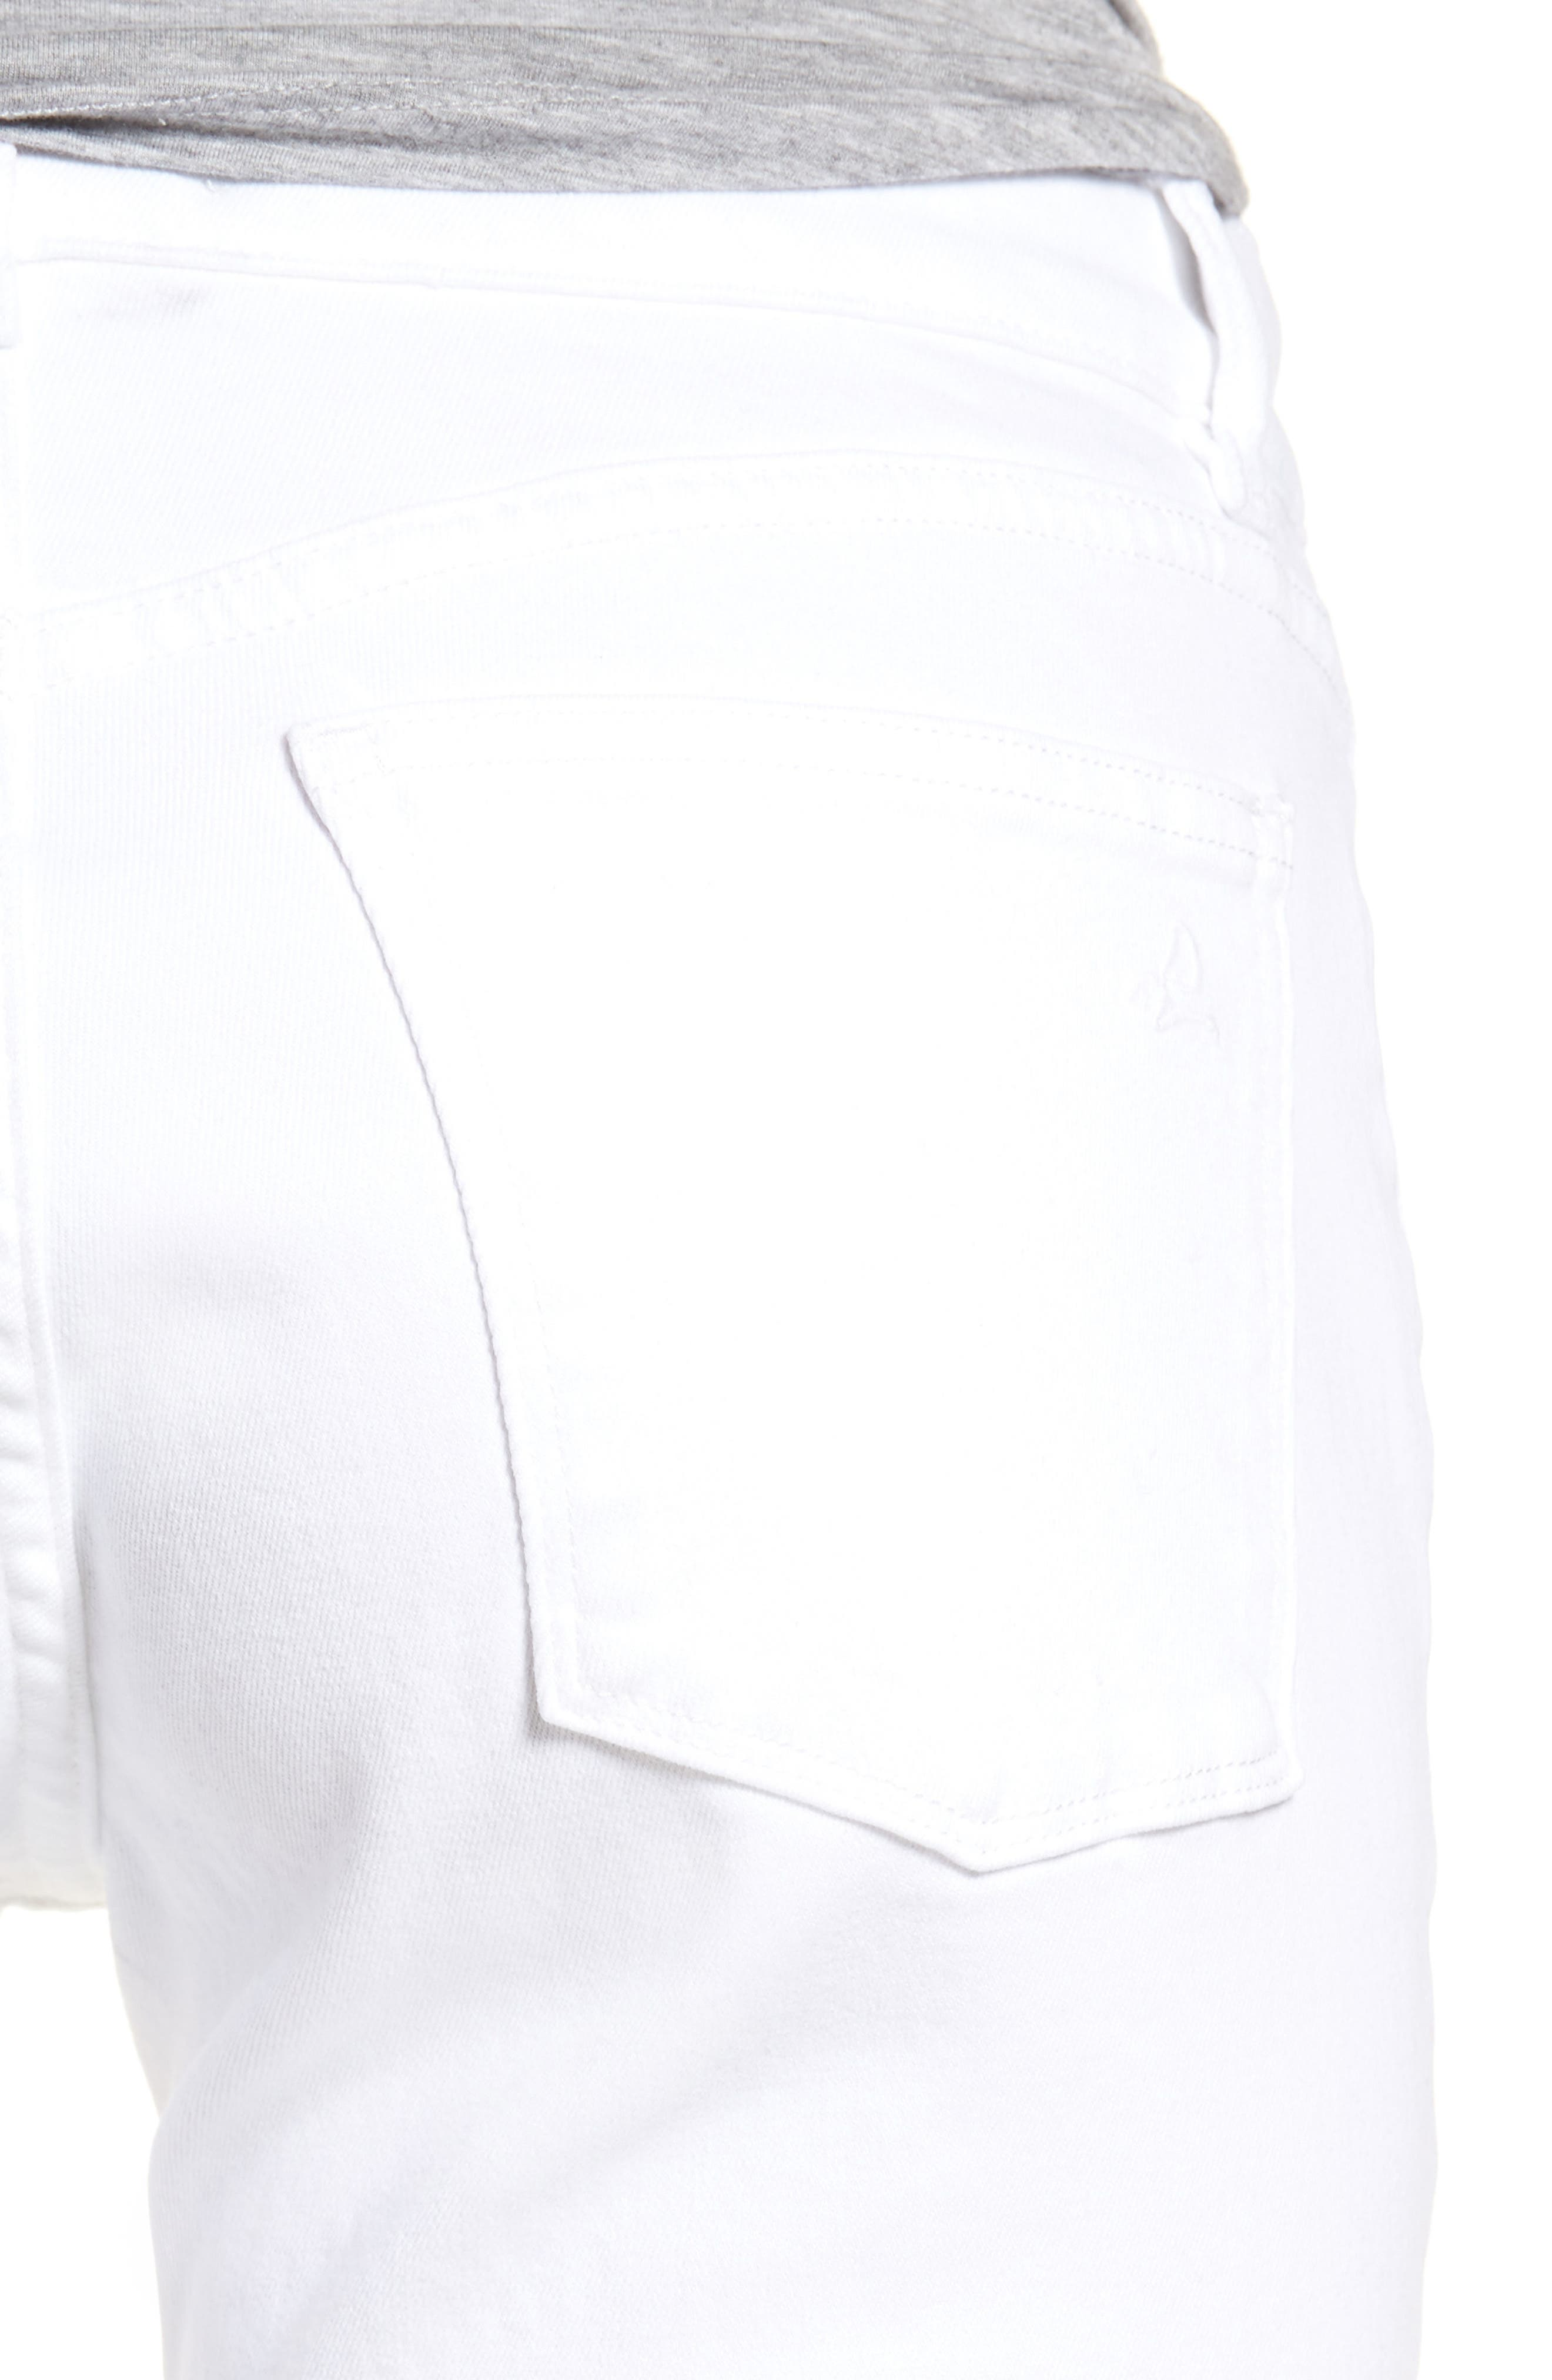 Alternate Image 4  - DL1961 Florence Skinny Jeans (Porcelain)